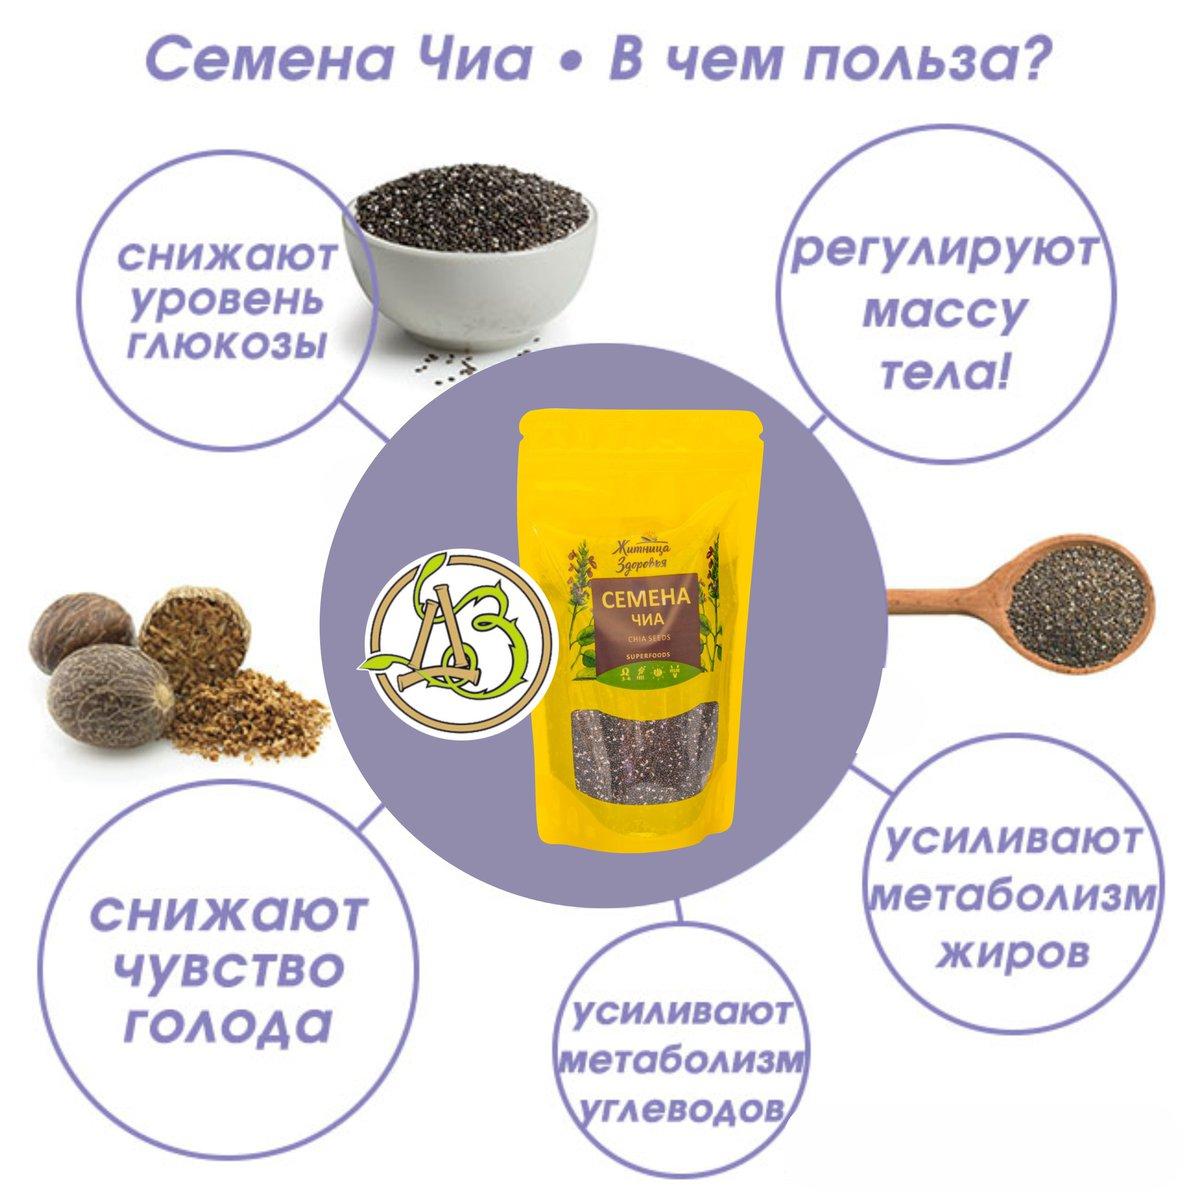 Как правильно принимать семена чиа для похудения